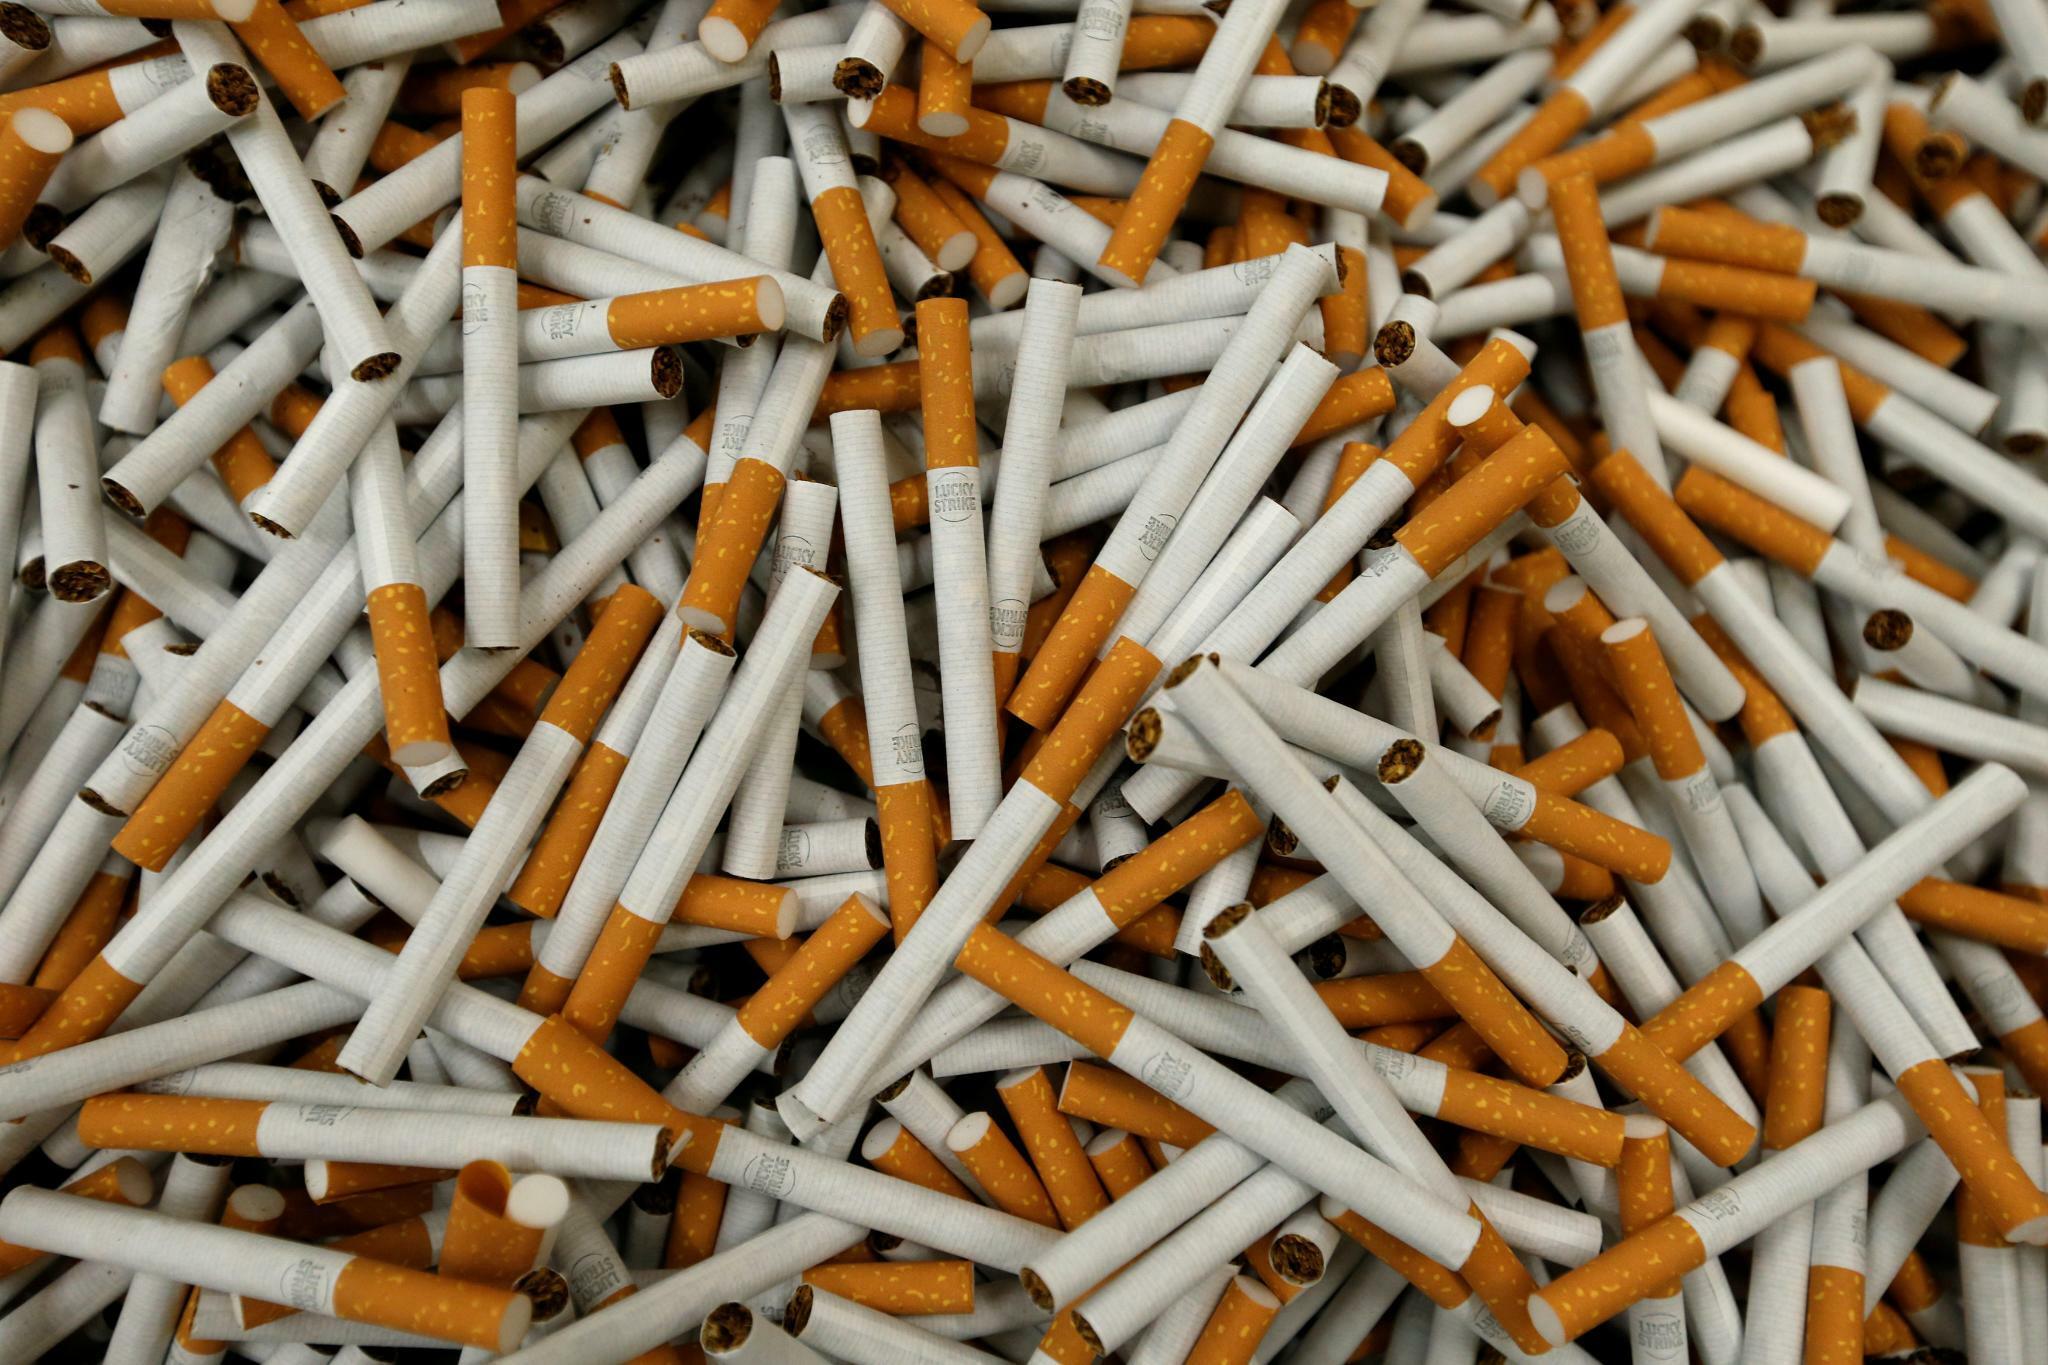 Tabakkonzern BAT will 2300 Stellen streichen